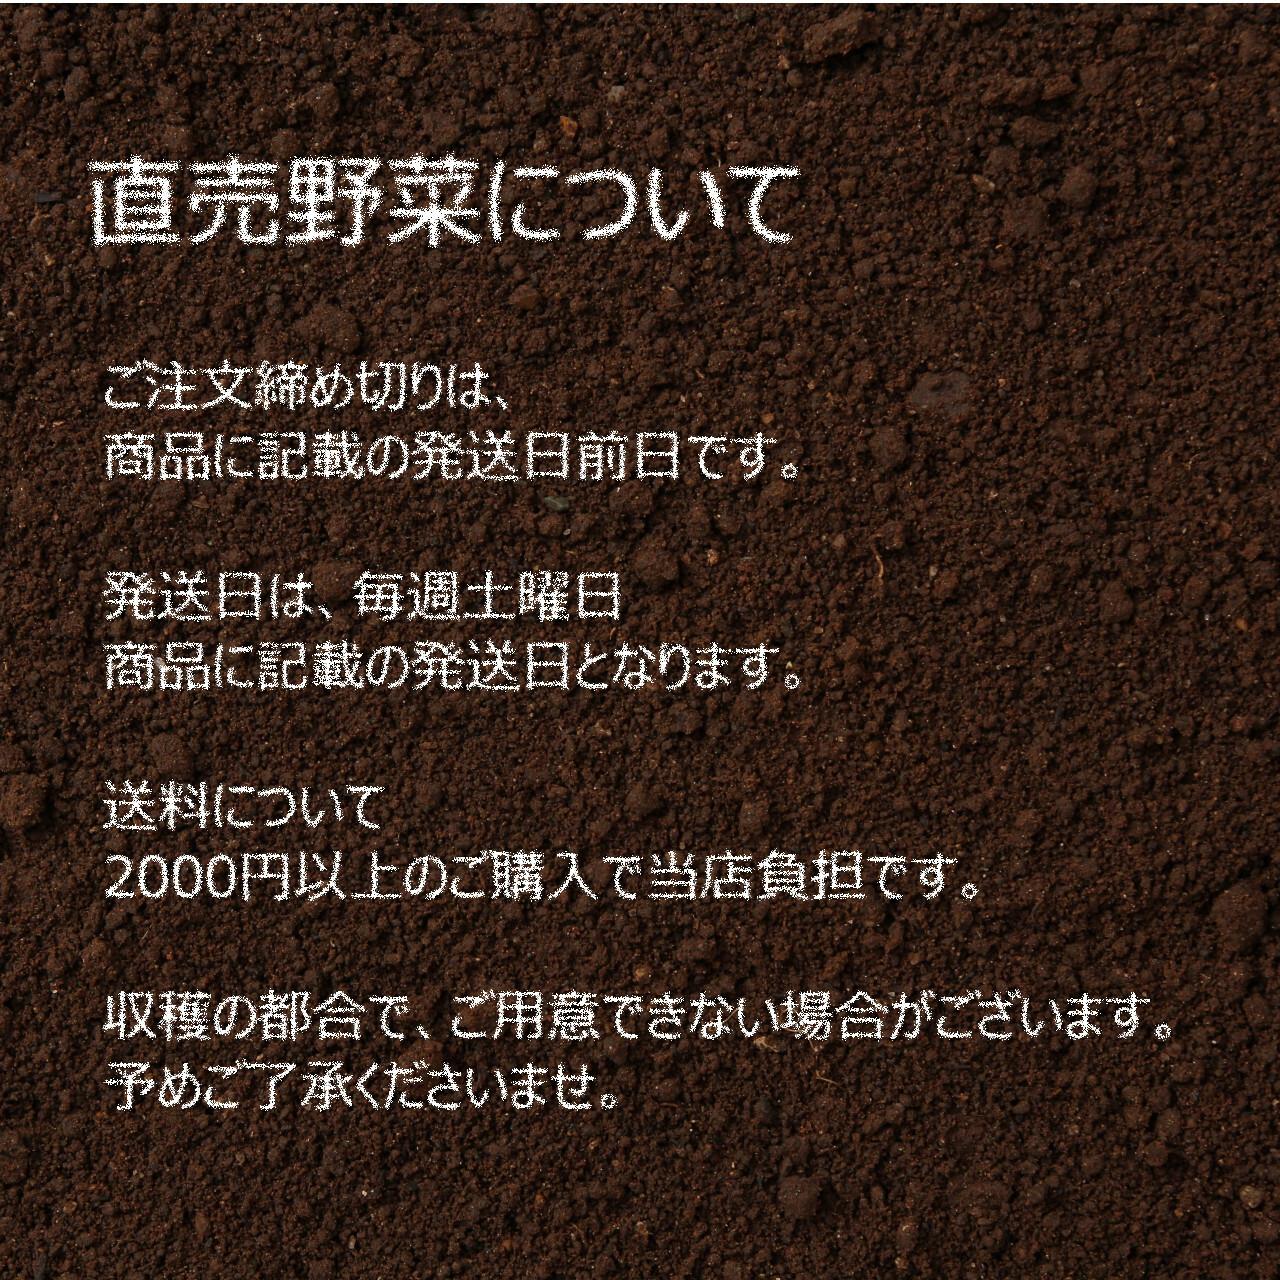 朝採り直売野菜 ネギ 3~5本 約300g前後 新鮮春野菜 4月18日発送予定